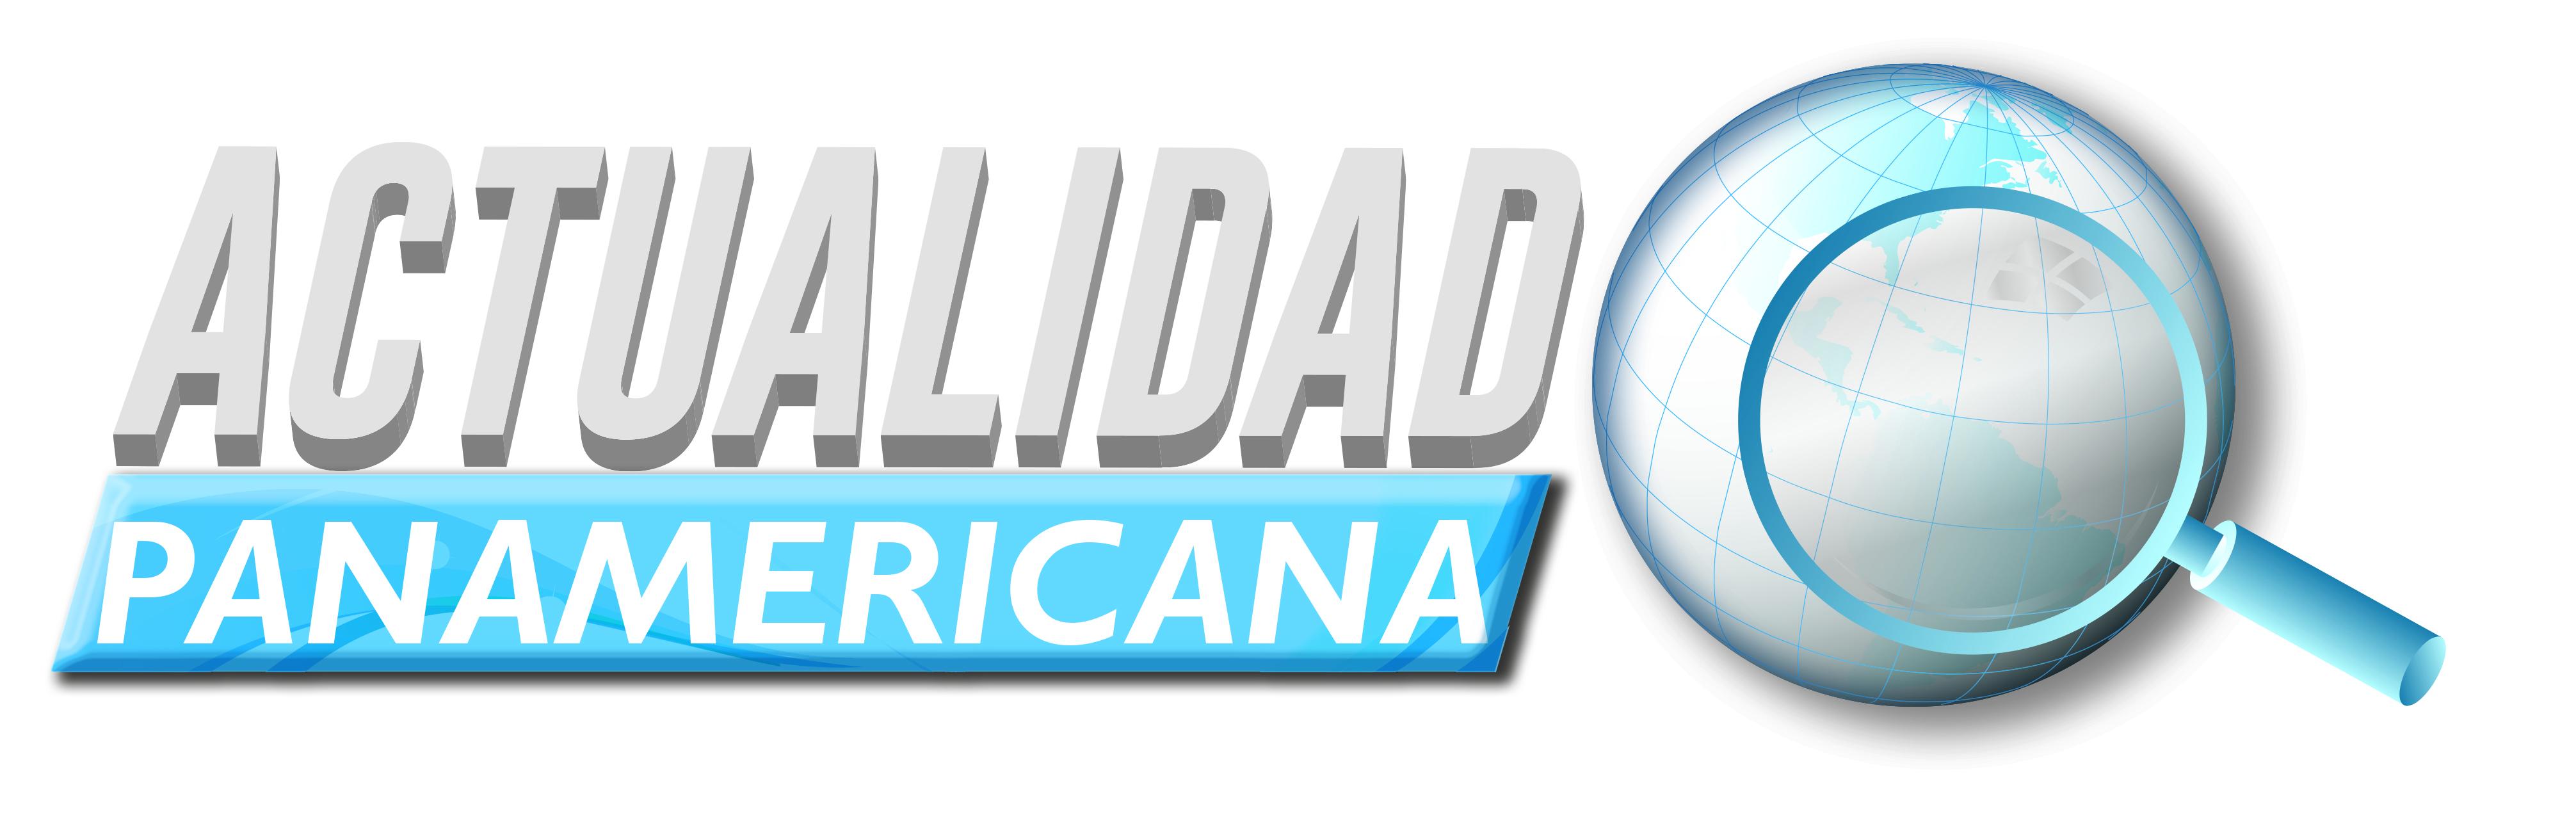 652de93ae8 https   actualidadpanamericana.com por-un-heladino-de-ron-con ...